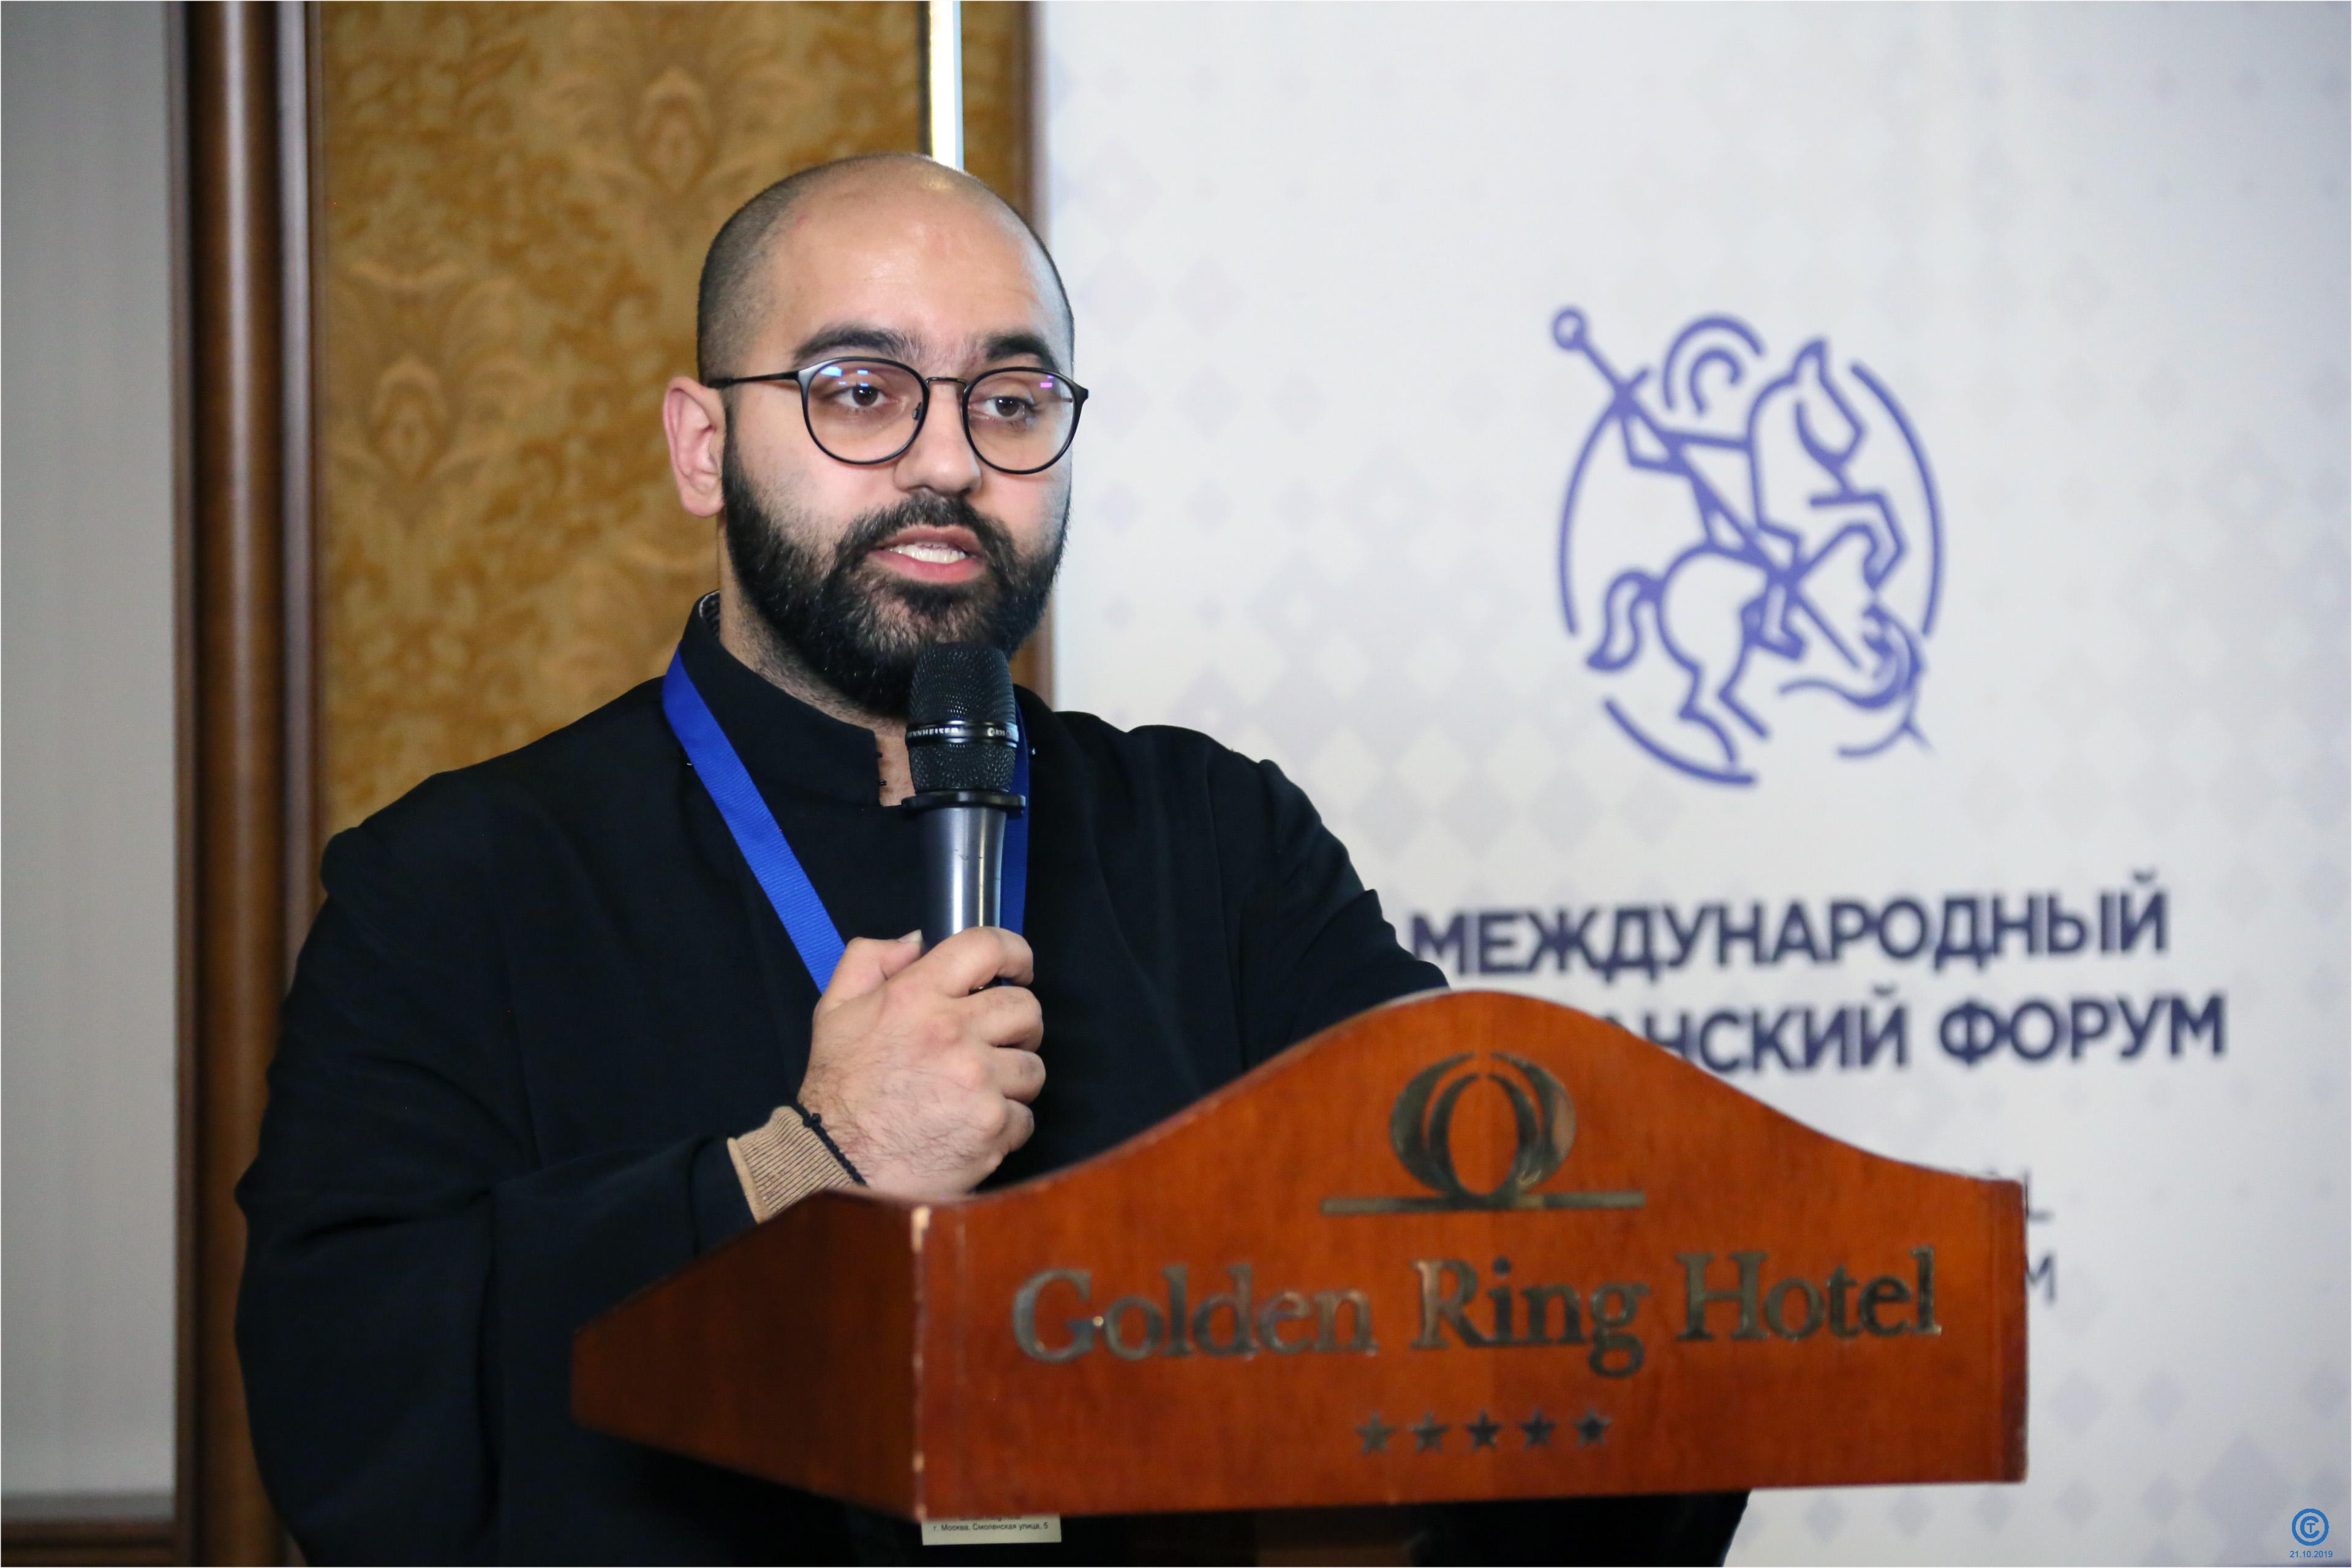 Интервью диакона Российской и Ново-Нахичеванской Епархии Армянской Апостольской Церкви Микаела Парсаданяна